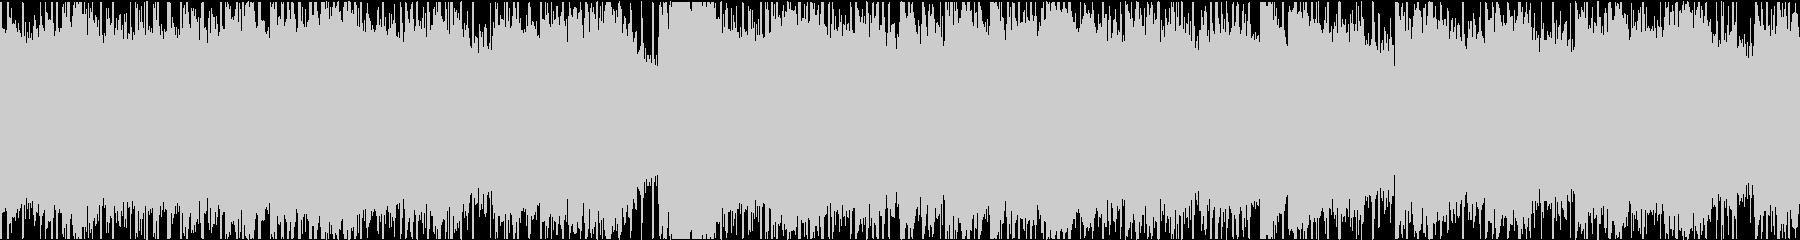 切ないR&B(メロディ無し・ループ対応)の未再生の波形